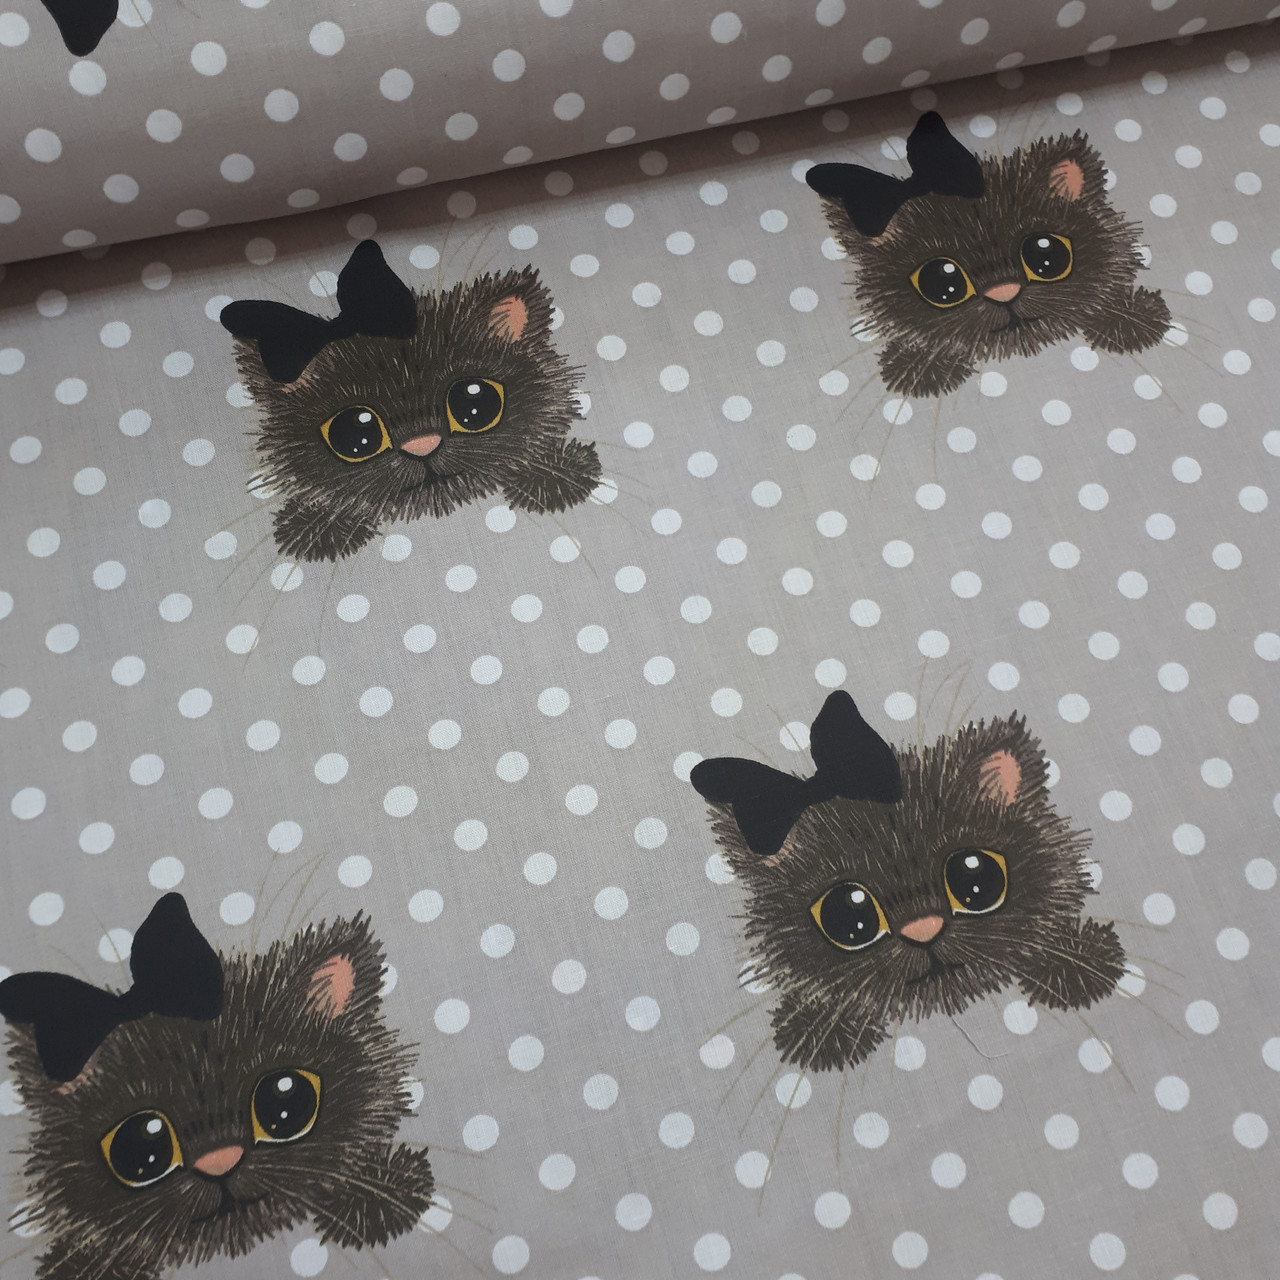 Ткань польская хлопковая, коты с черными бантиками на белом горохе